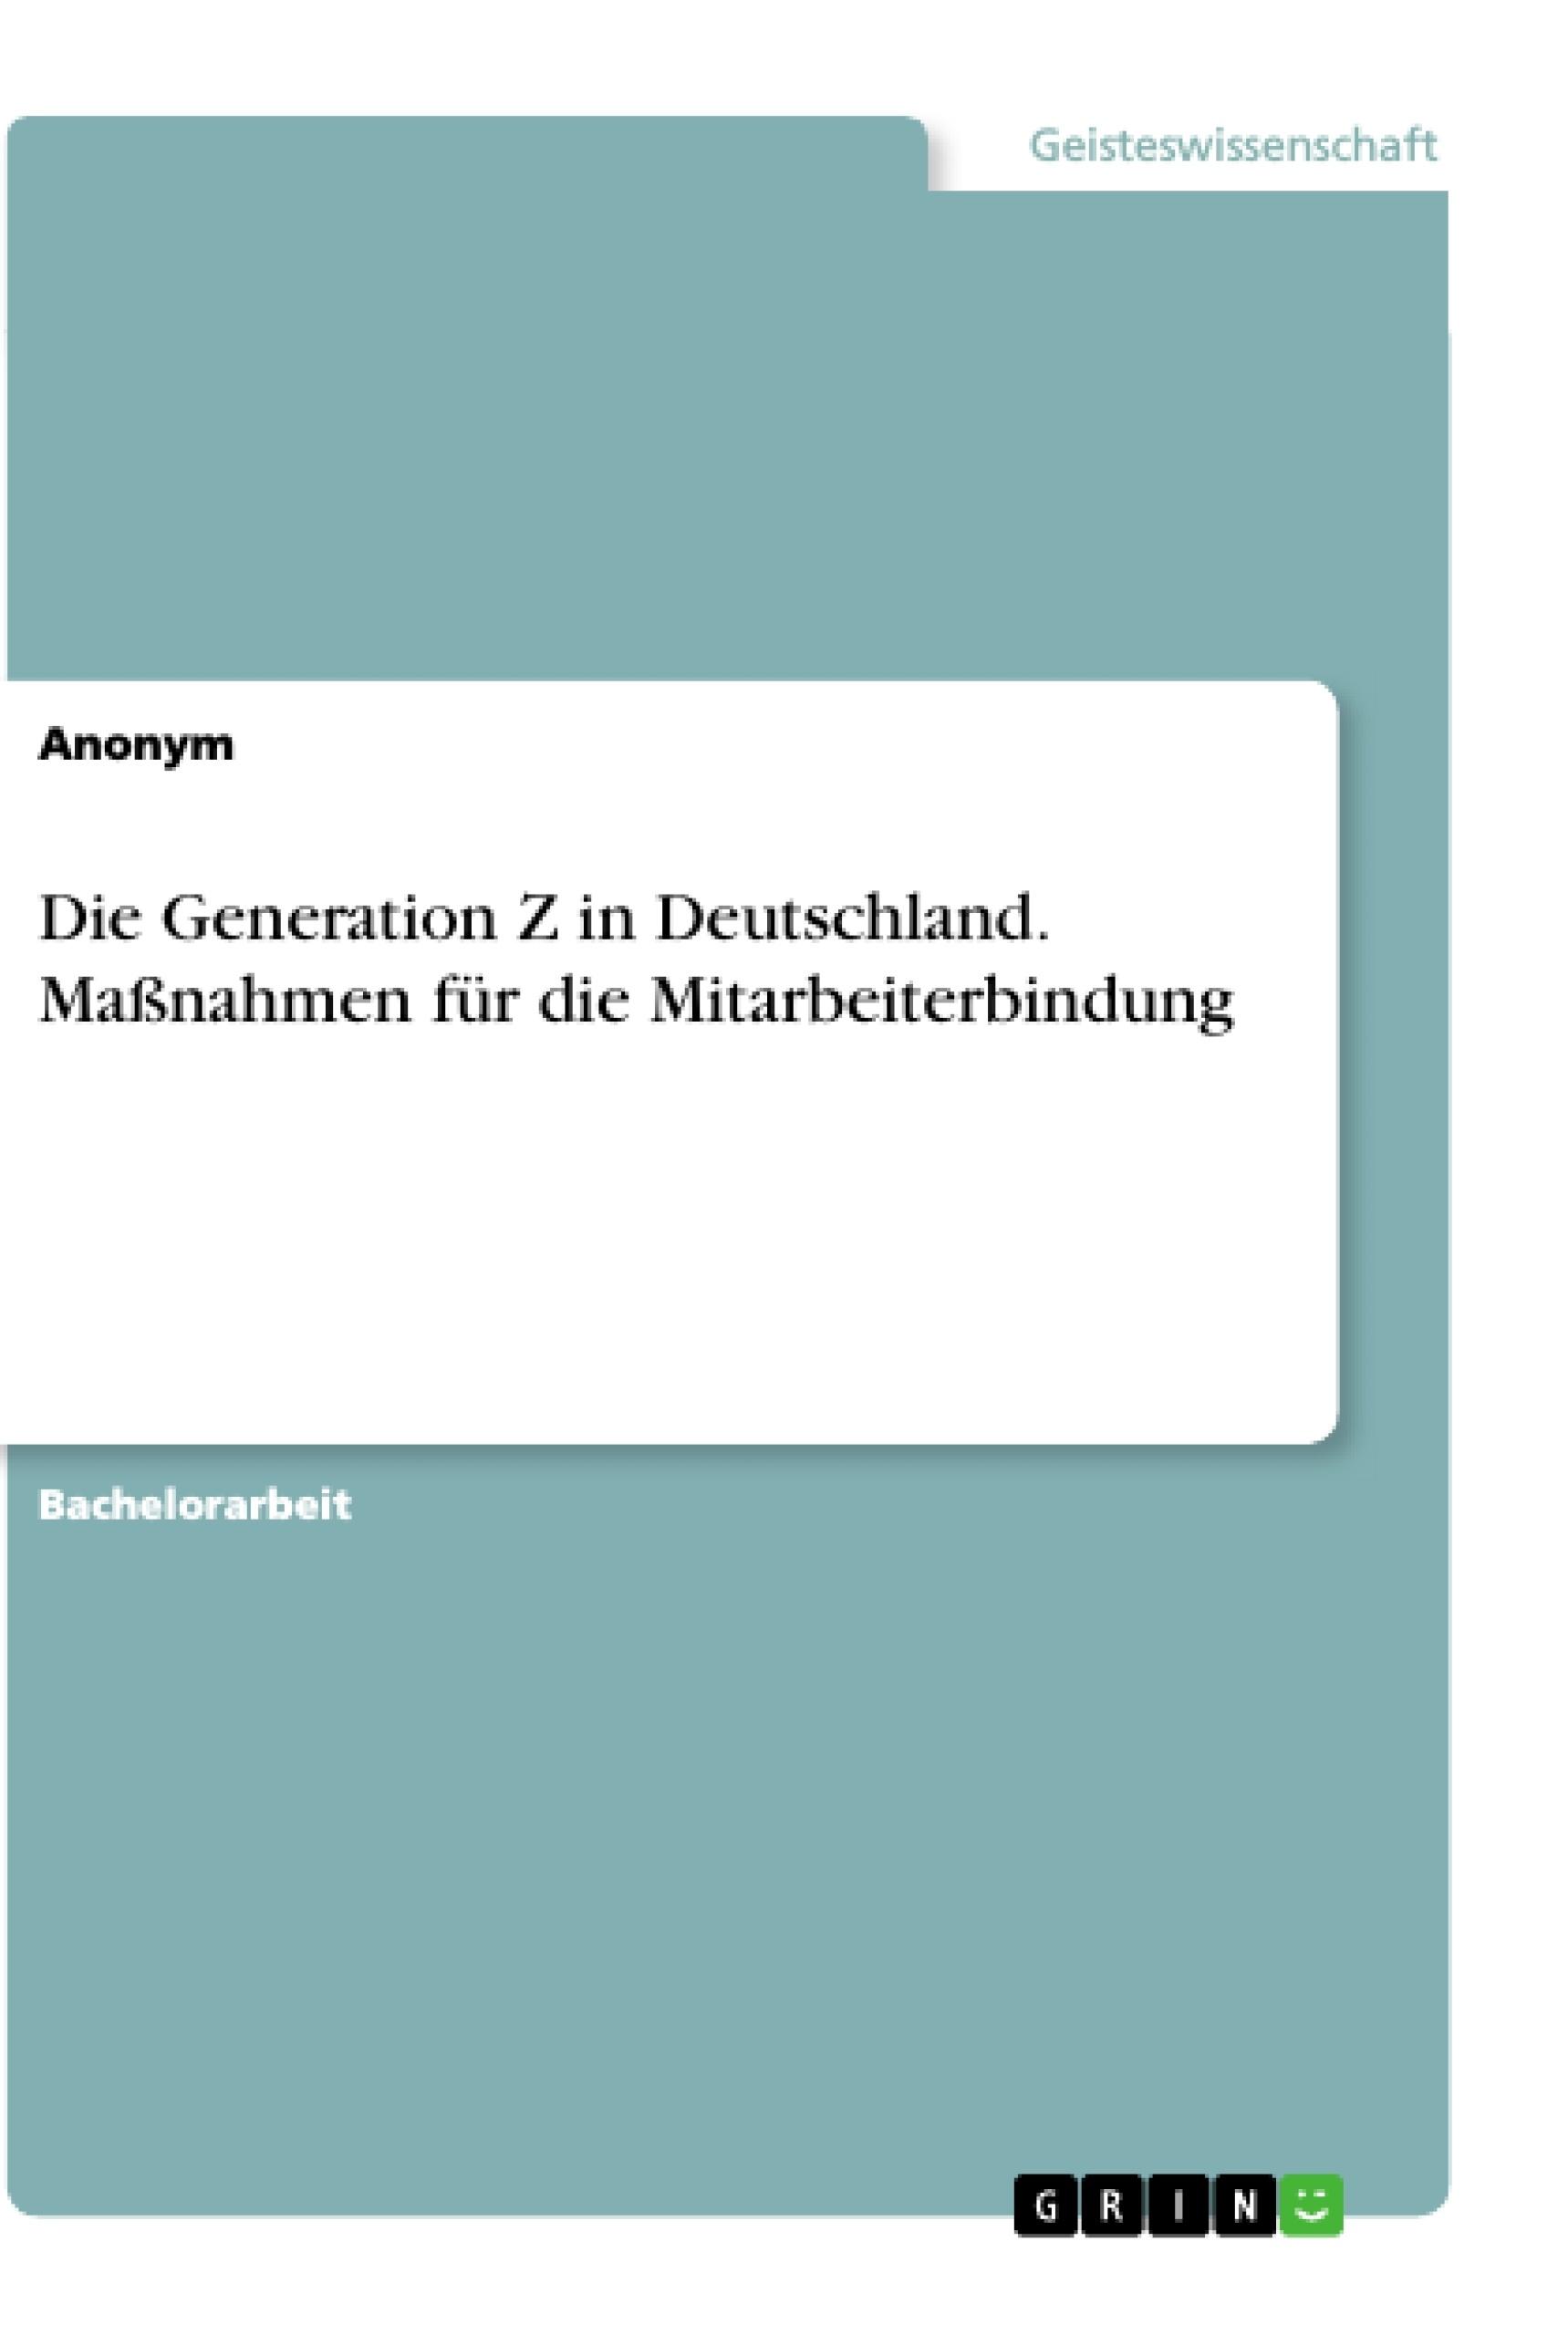 Titel: Die Generation Z in Deutschland. Maßnahmen für die Mitarbeiterbindung